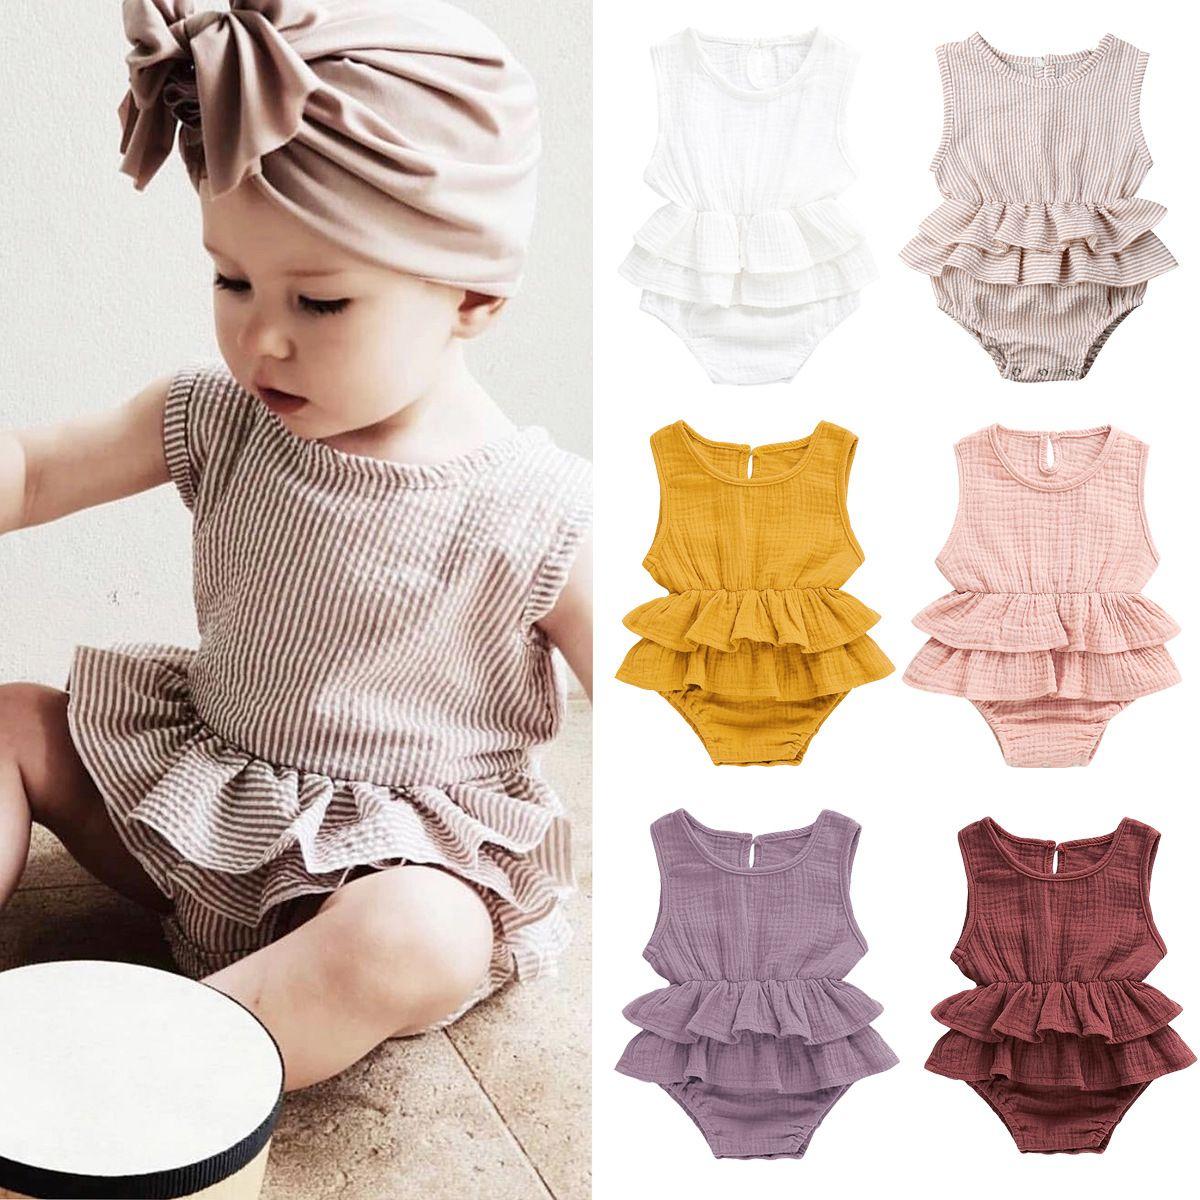 Baby Rüschen Strampler INS Mädchen Jungen Weste Overalls 2019 Sommer Mode Boutique Kinder Sleeveless Klettern Kleidung 7 Farben C6404